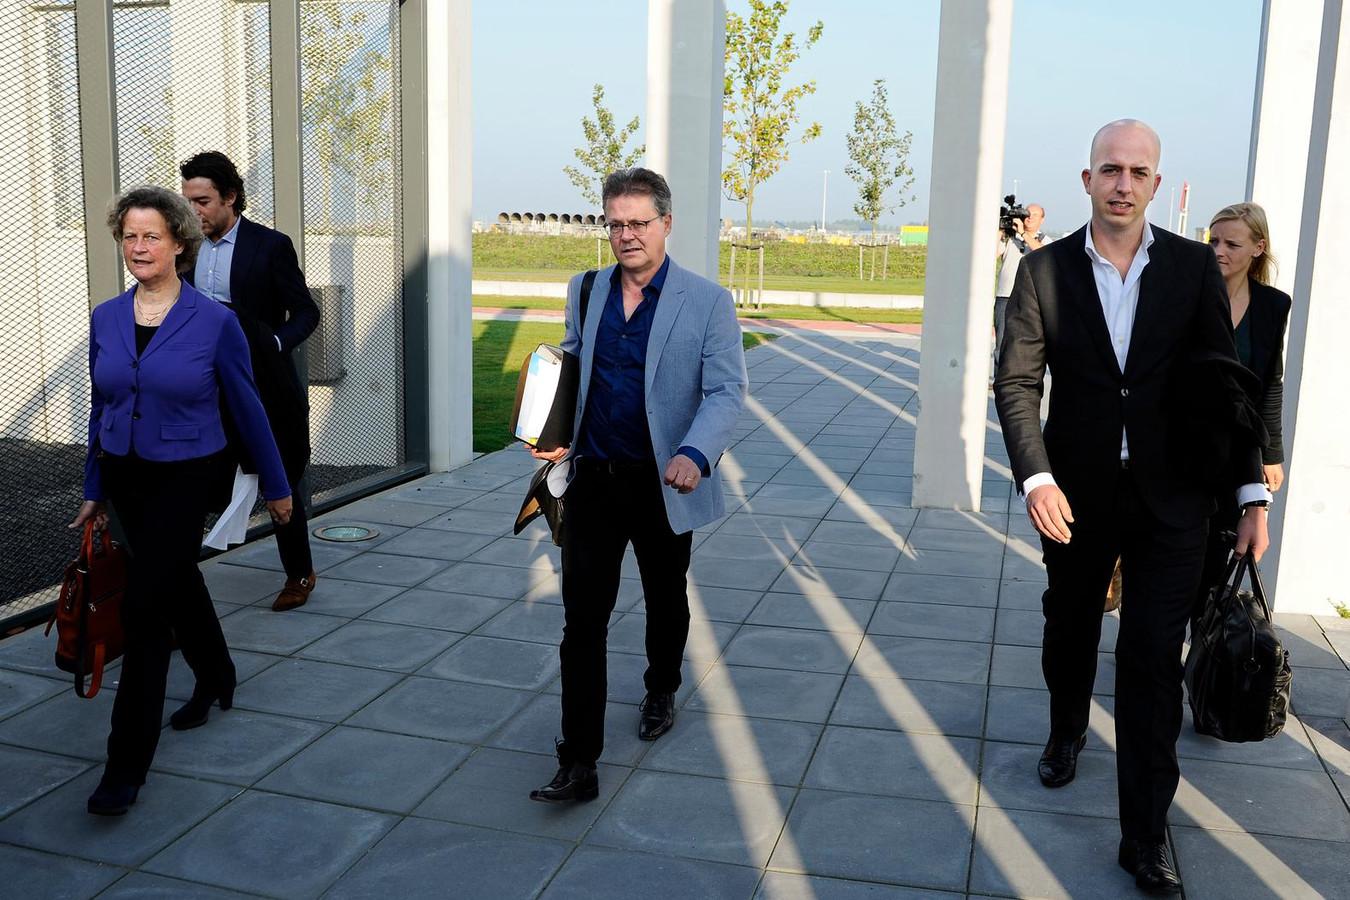 Ficq (links) zegt 'alleen maar blij' te zijn dat de Orde van Advocaten haar en haar collega's Meijering (rechts) en Franken (niet op foto) nu 'onder druk van de media' heeft opgeroepen voor een gesprek.